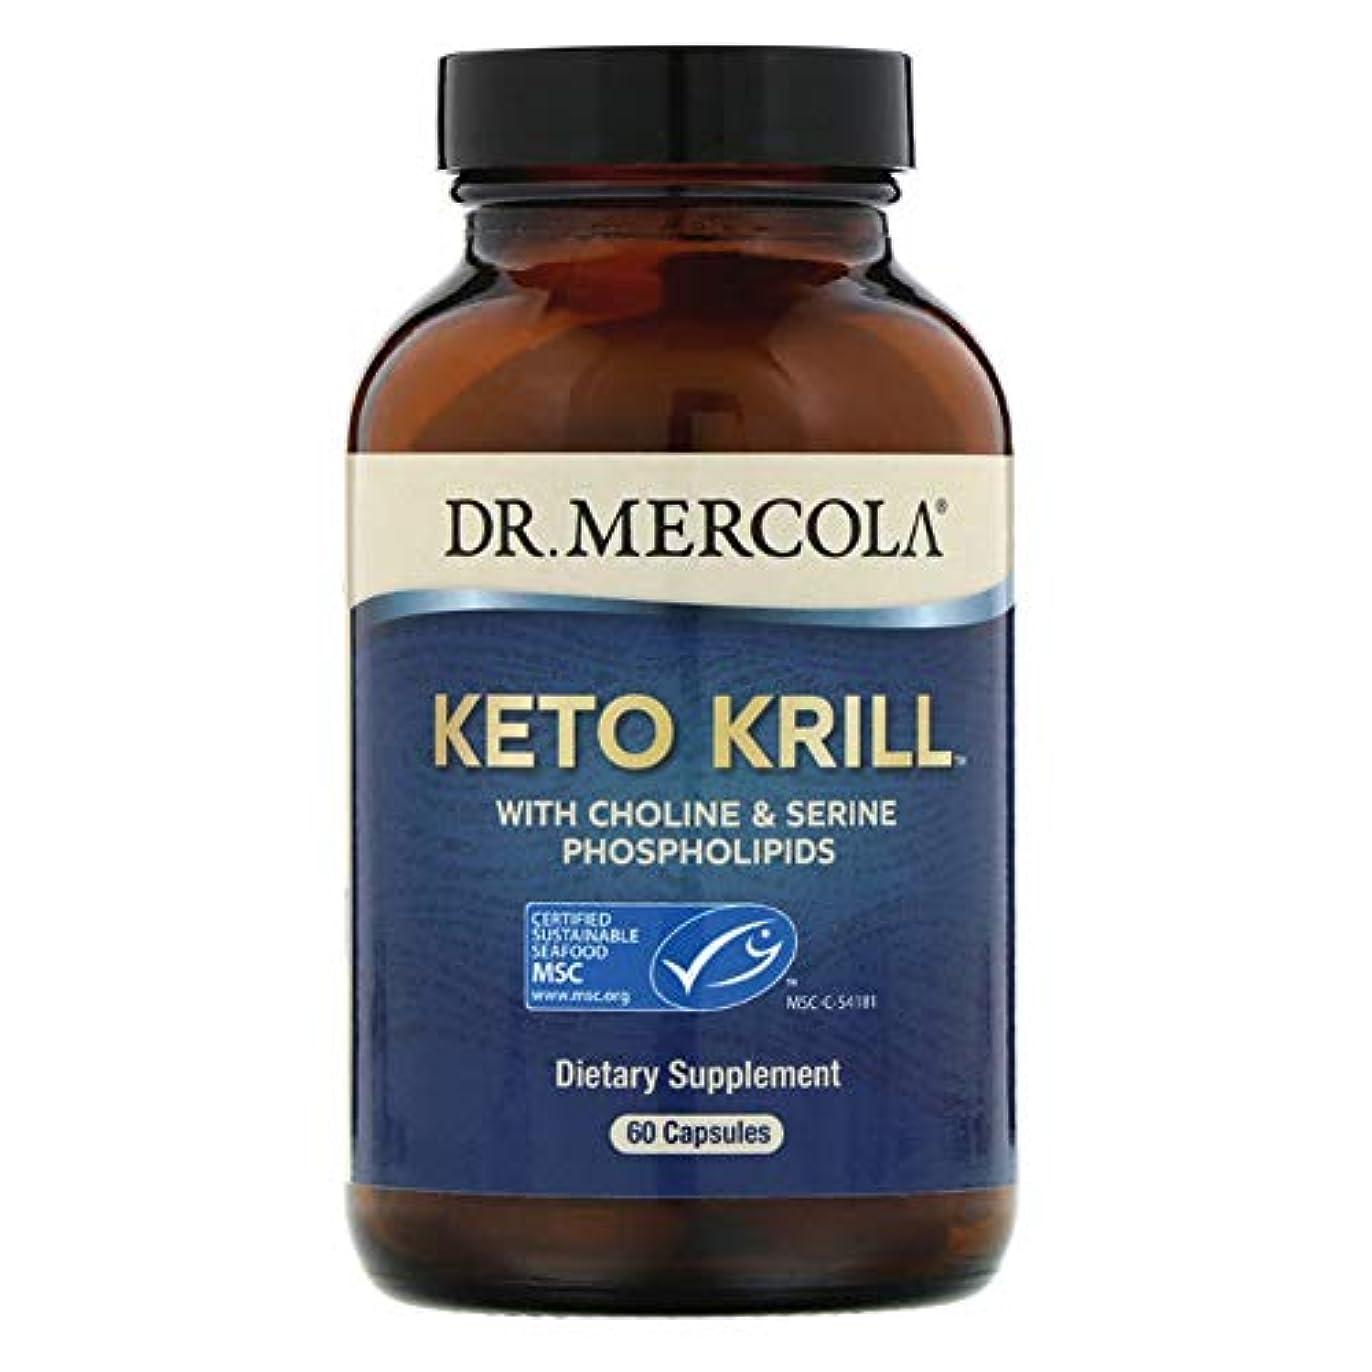 ノイズ遅れスーパーマーケットDr Mercola ケトオキアミ コリン セリンリン脂質配合 カプセル 60粒 【アメリカ直送】